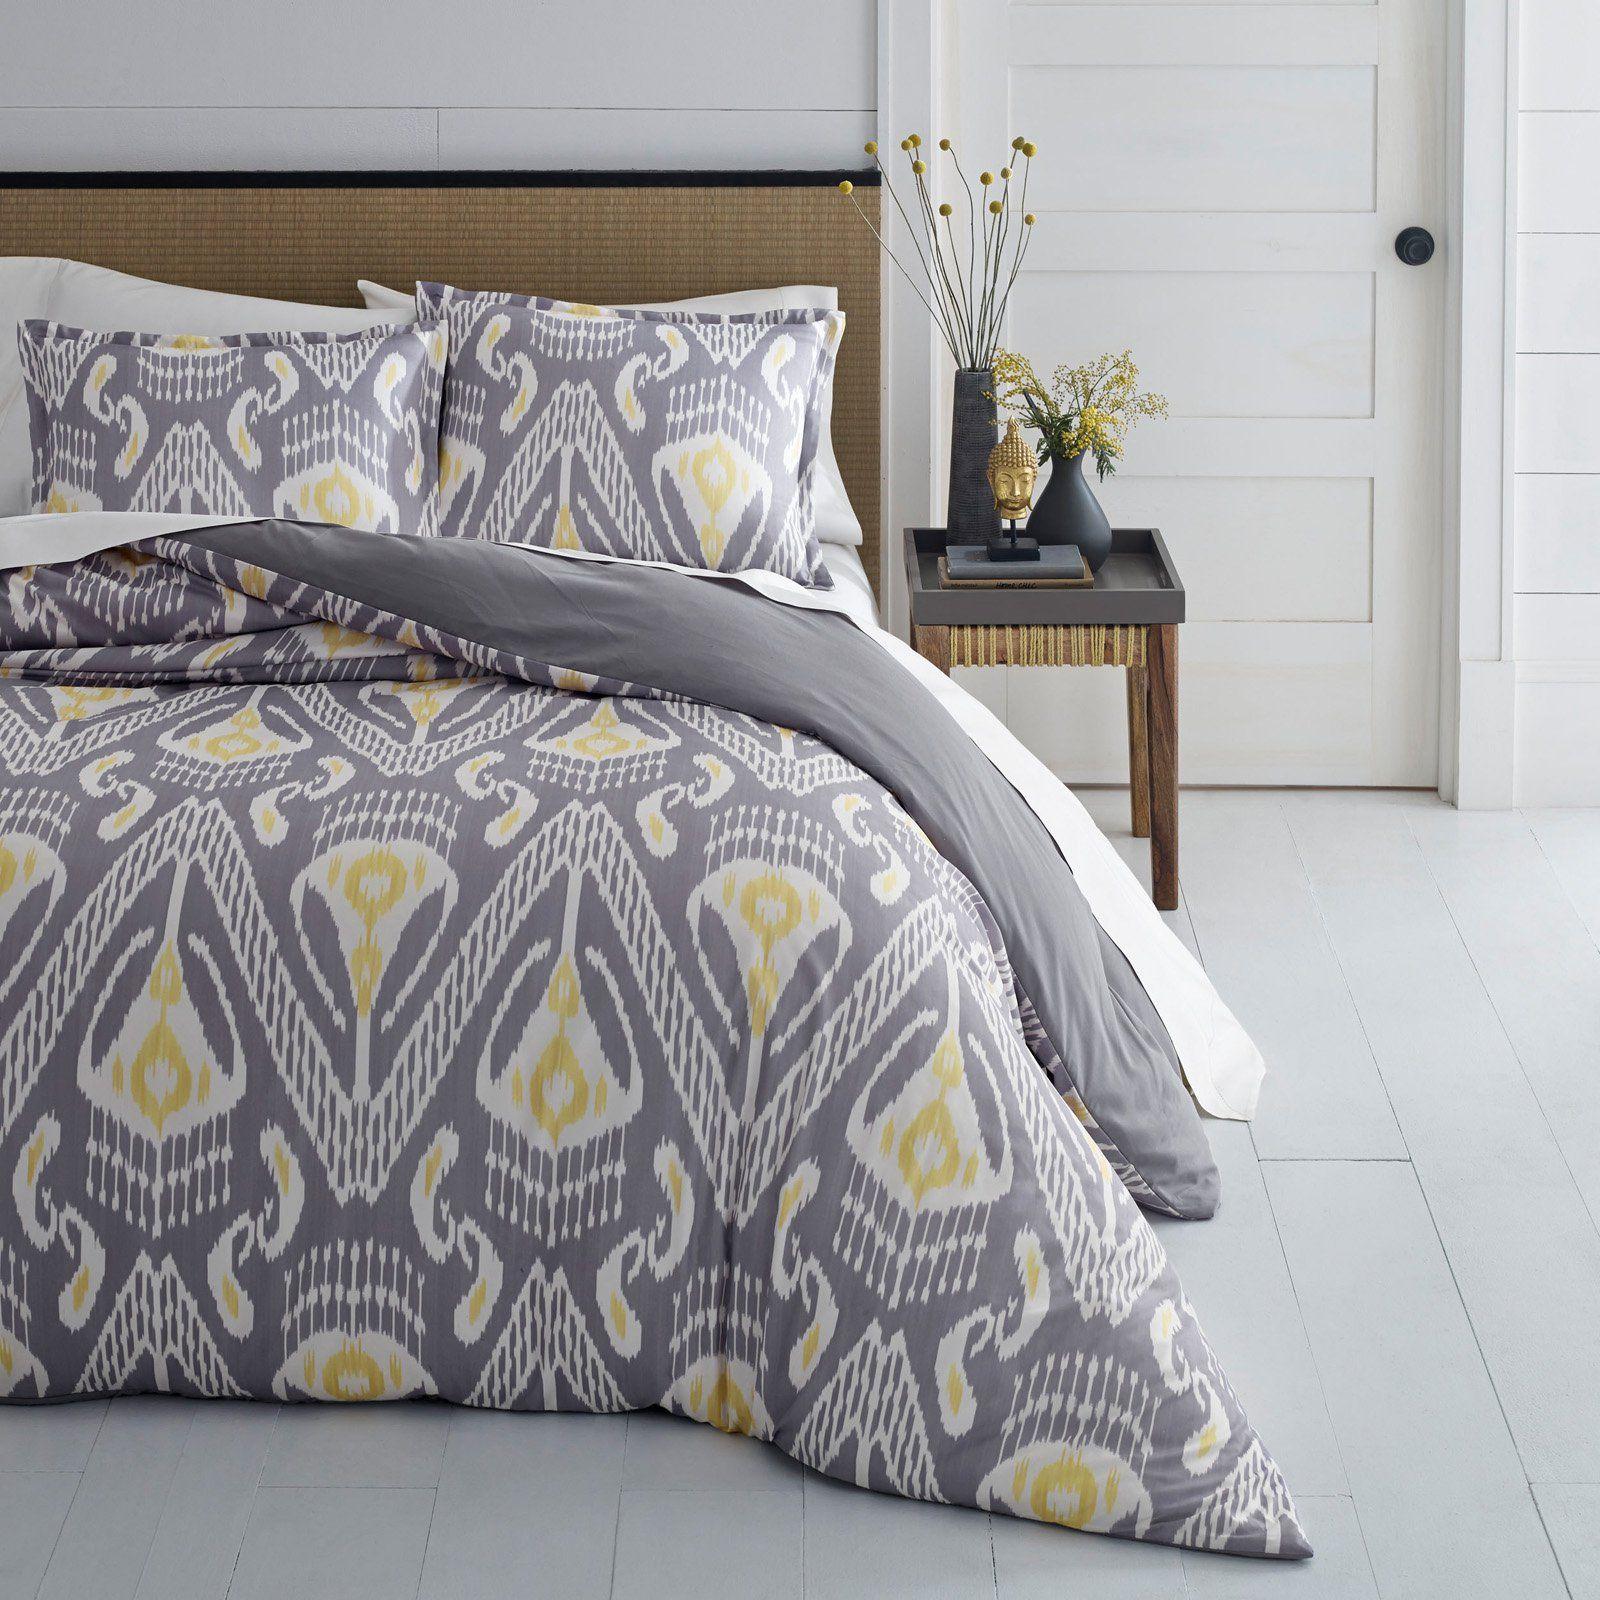 Global Ikat Comforter Set By Azalea Skye Size King Duvet Cover